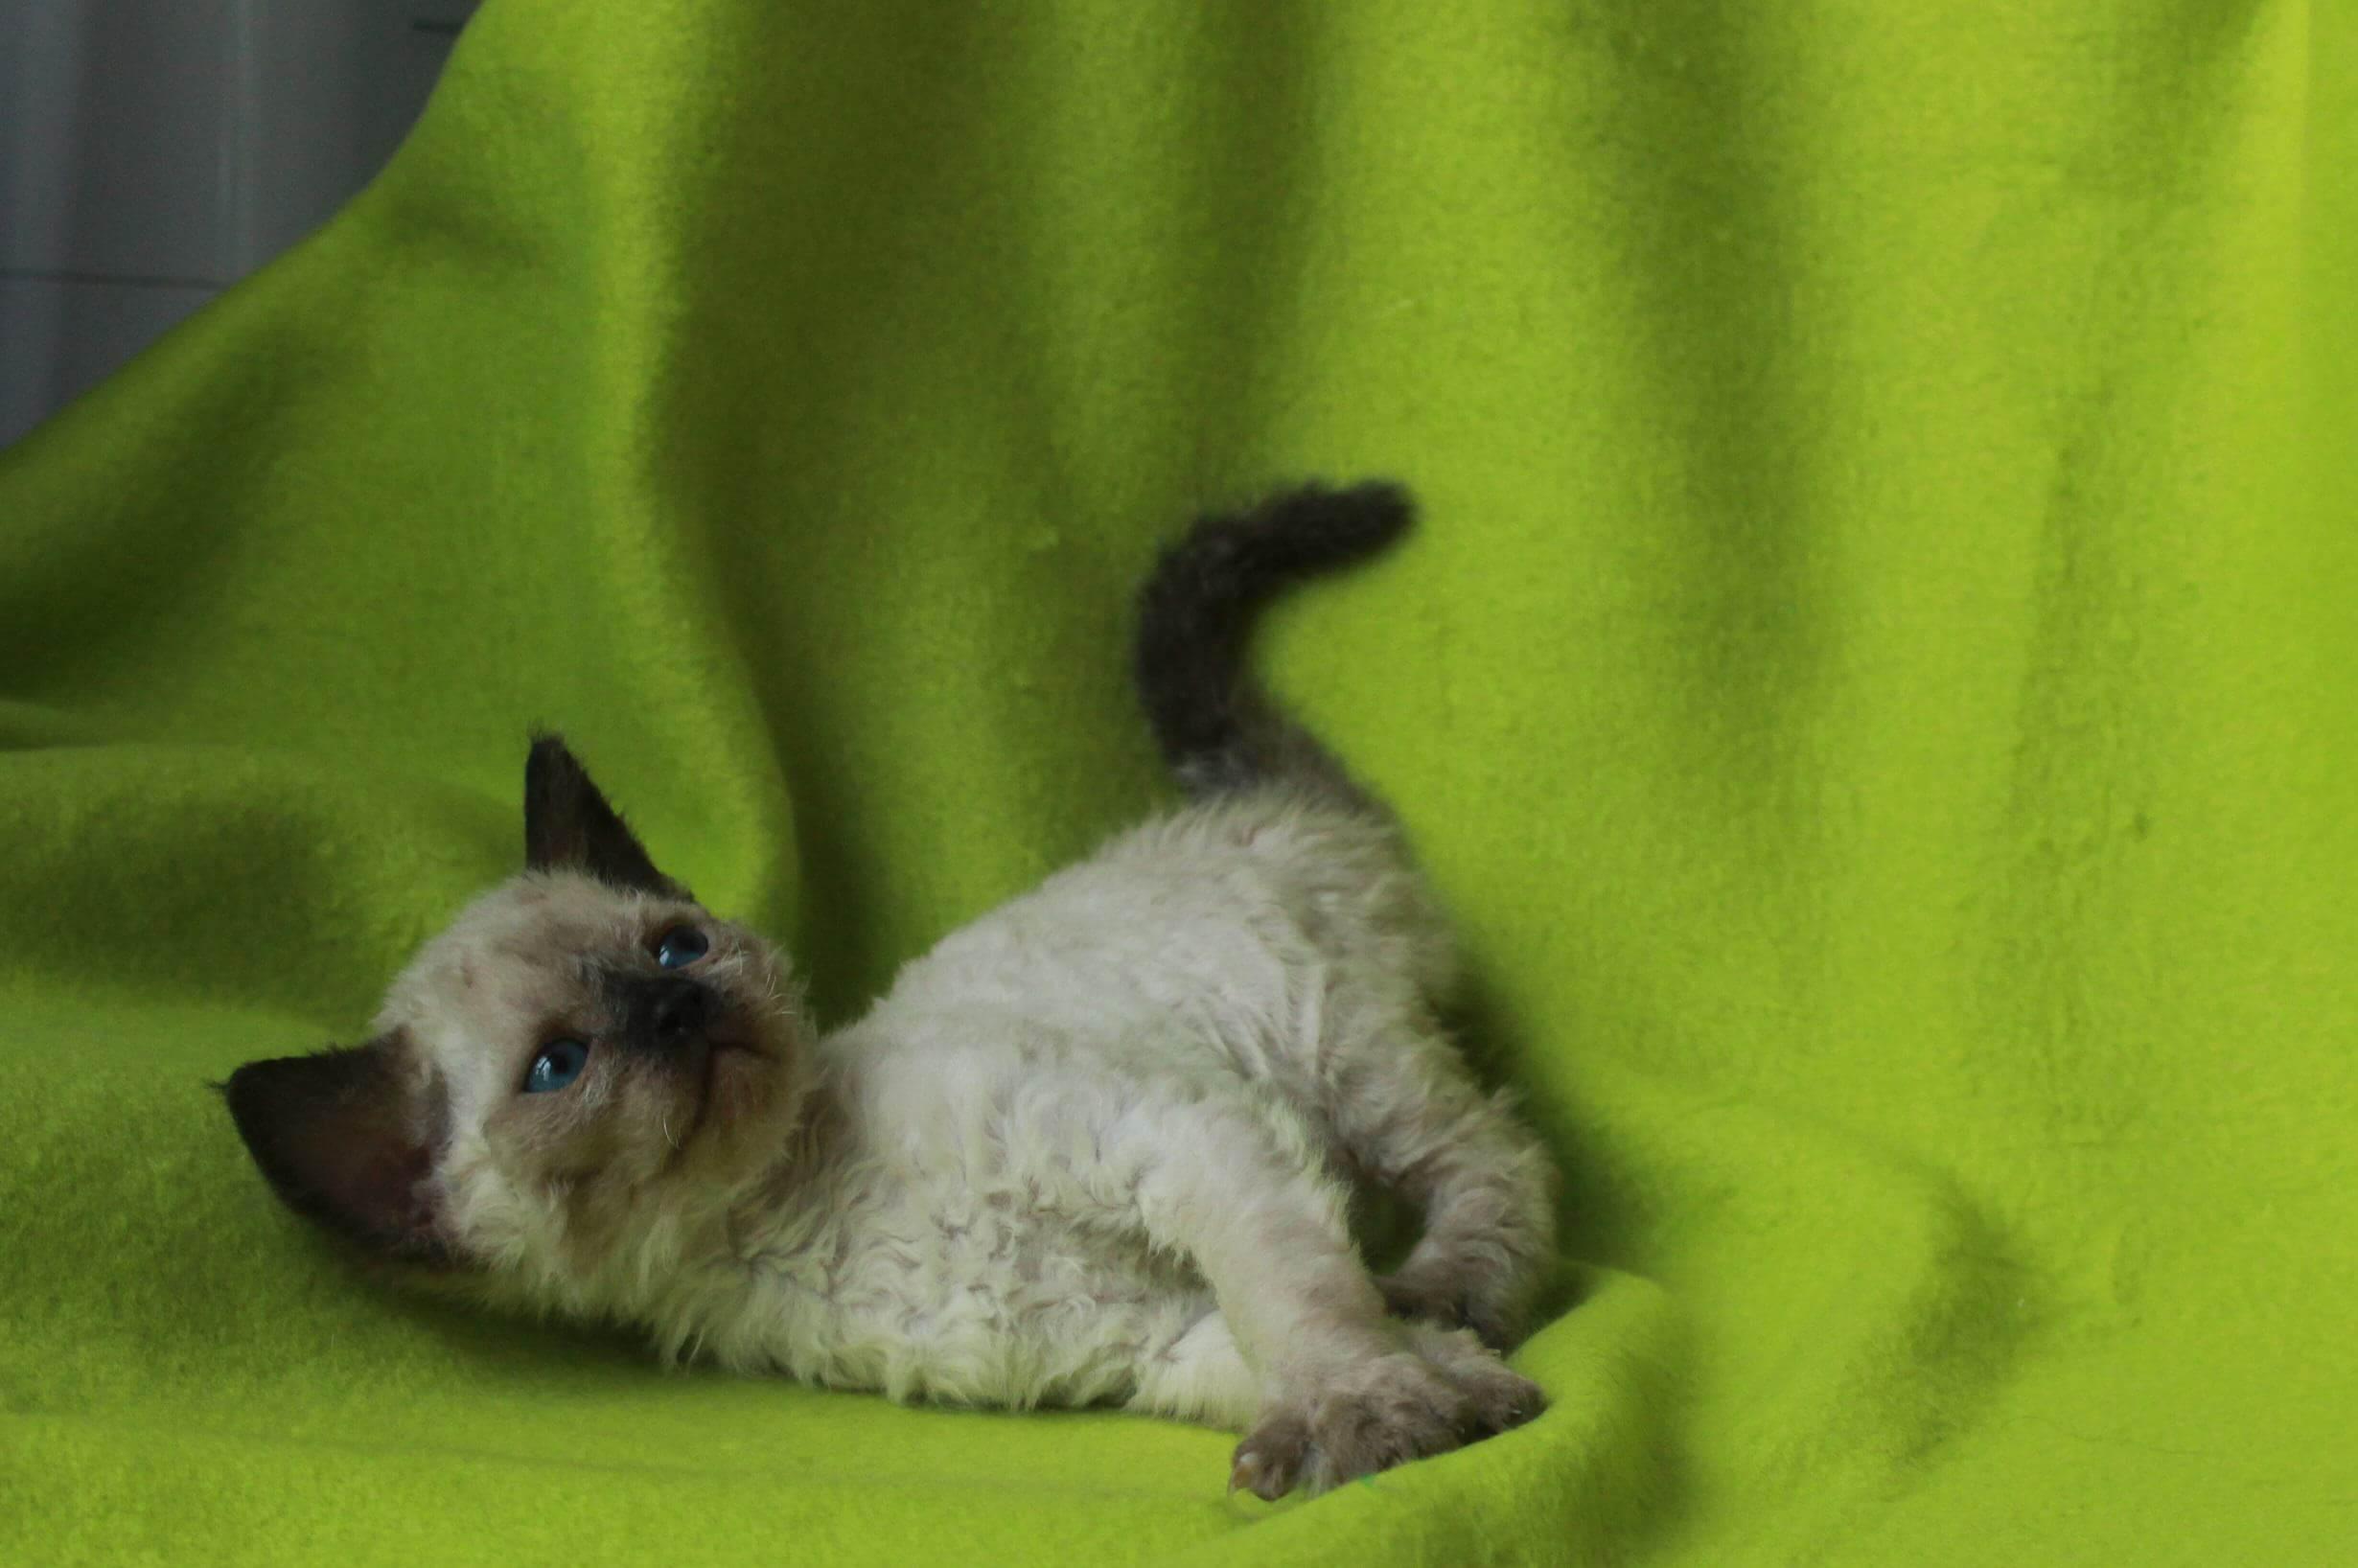 продается котенок девон-рекс